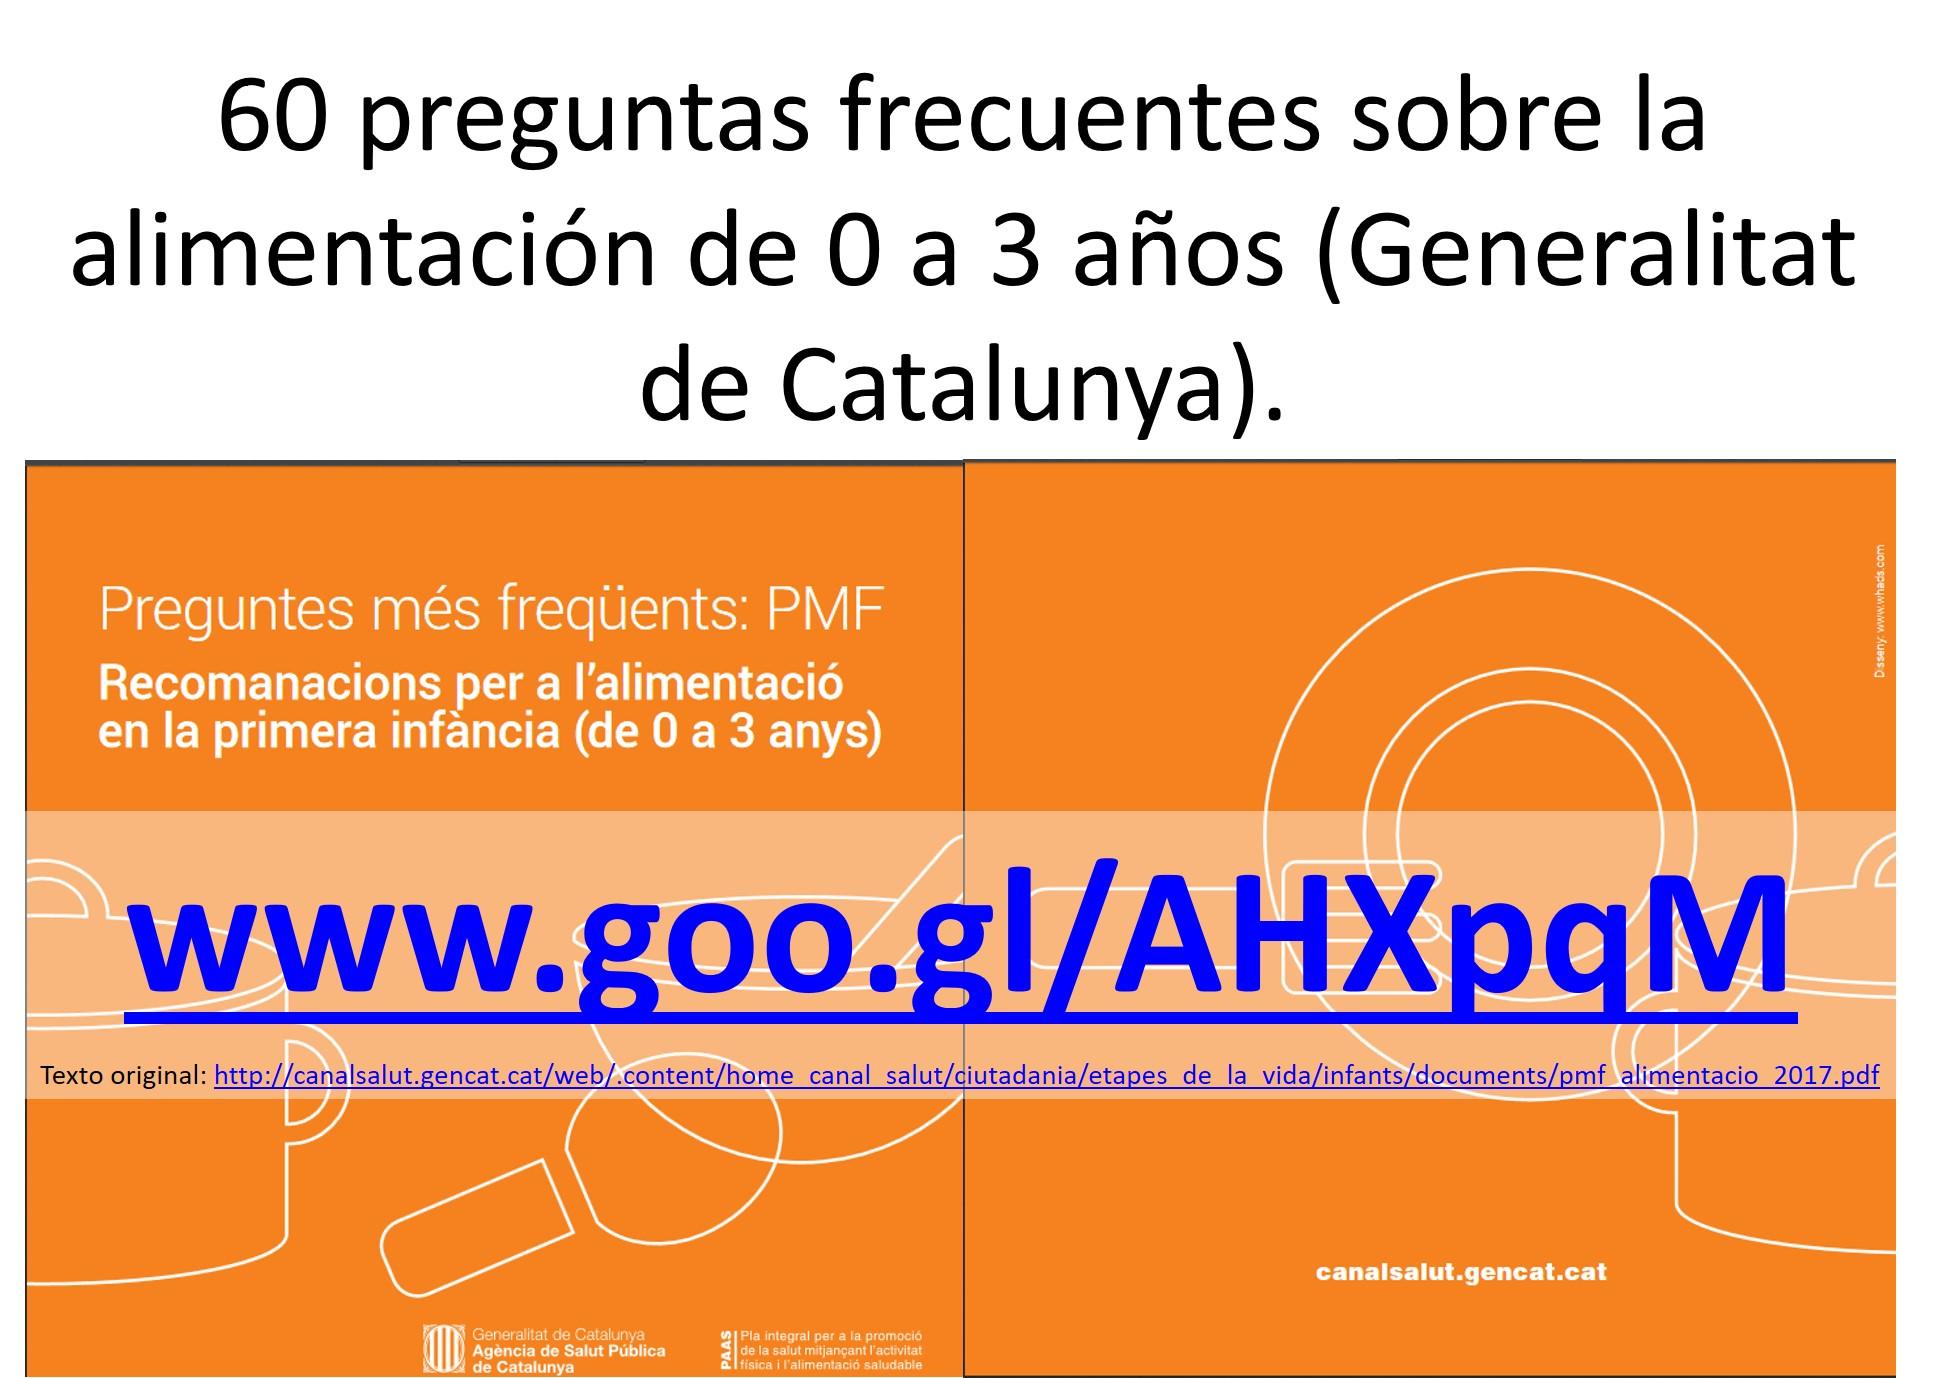 60 preguntas frecuentes sobre la alimentación de 0 a 3 años (Generalitat de Catalunya)